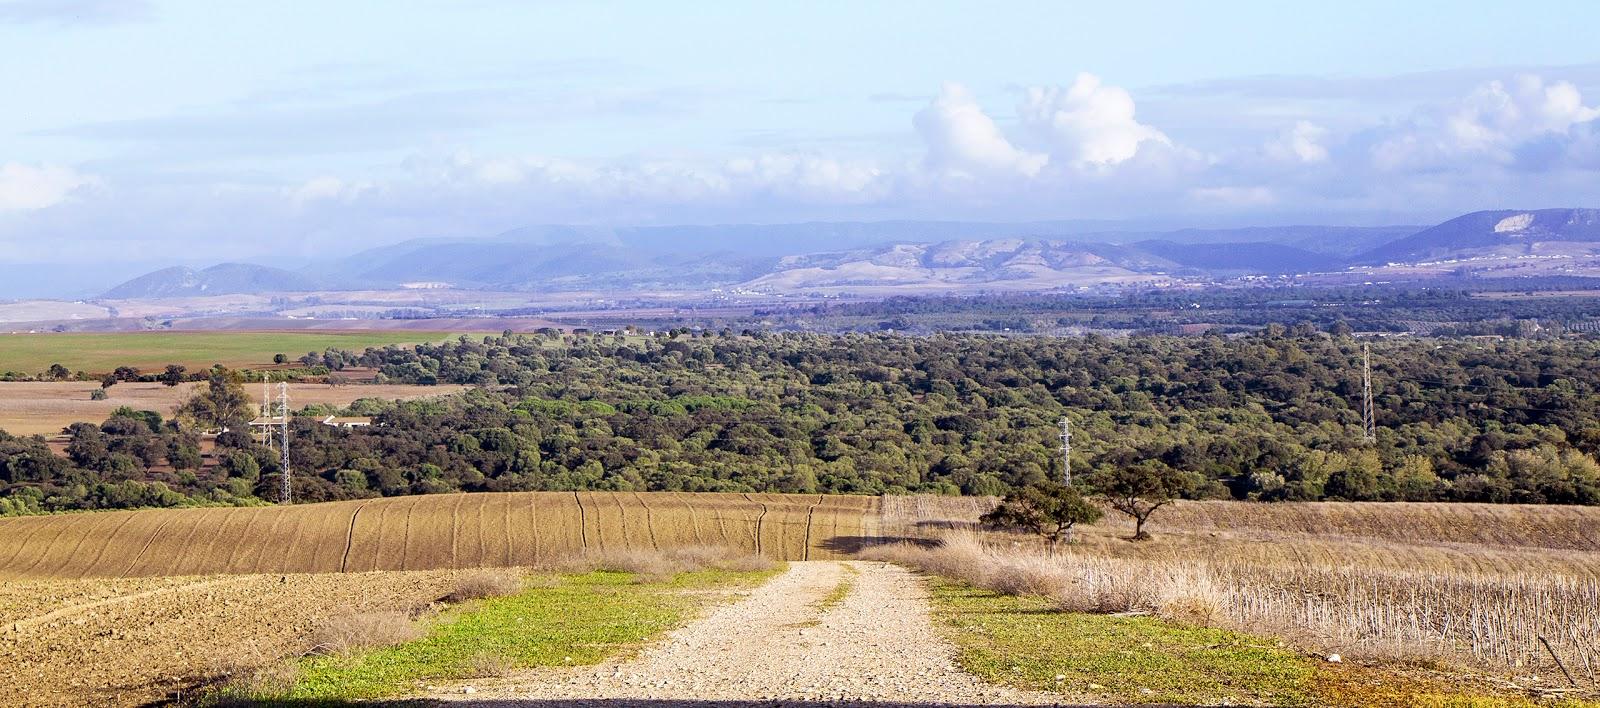 Entorno a jerez un paseo por la ca ada de cuartillos pinos centenarios y puertas singulares - El olivar de albarizas ...